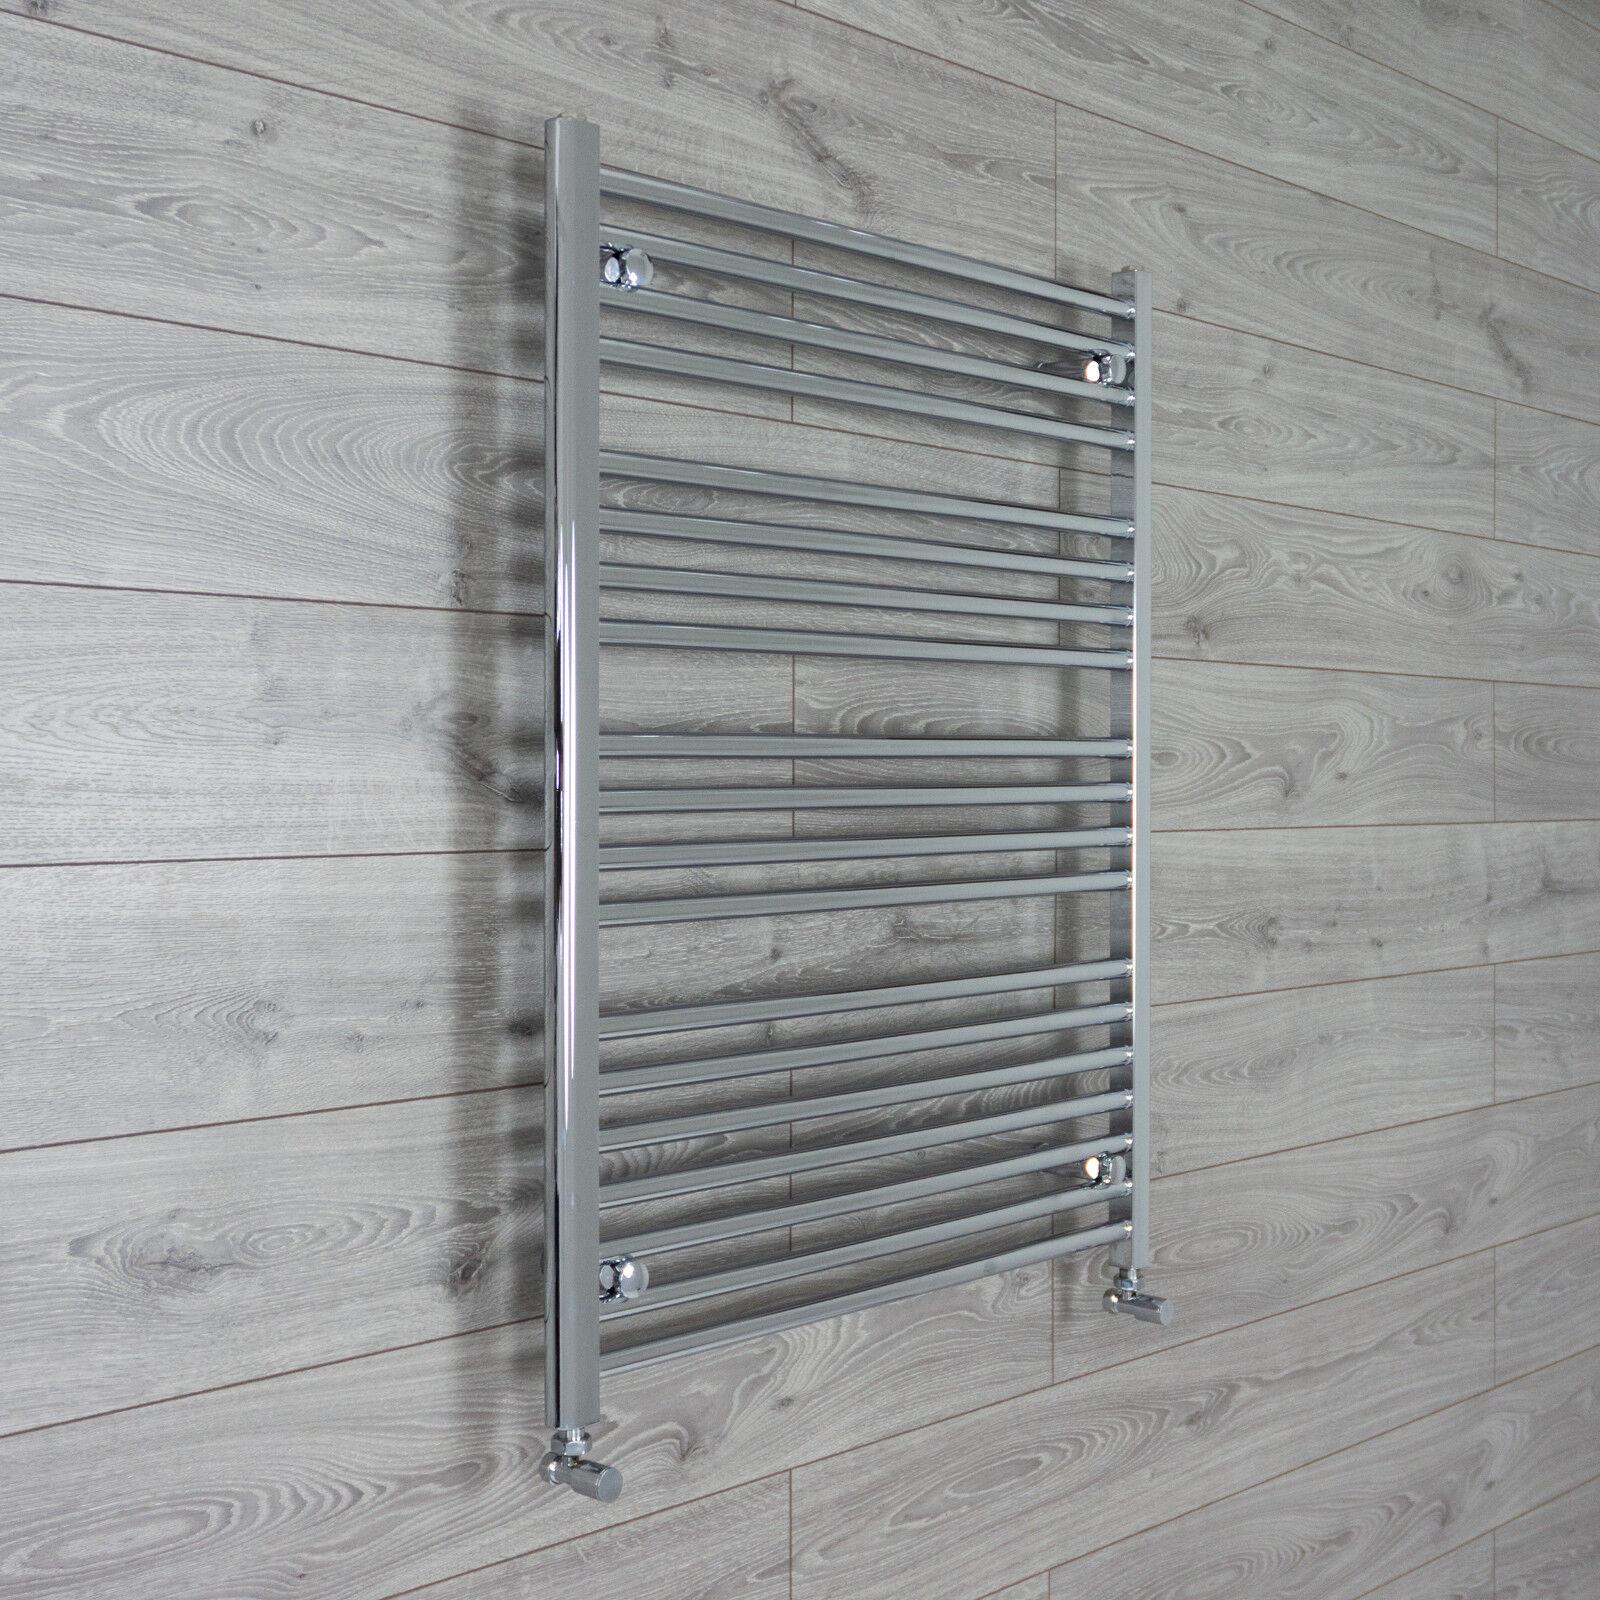 Chrome Porte-serviettes Rad chauffage central salle de bains radiateur Largeur 750 mm Hauteur 1000 mm